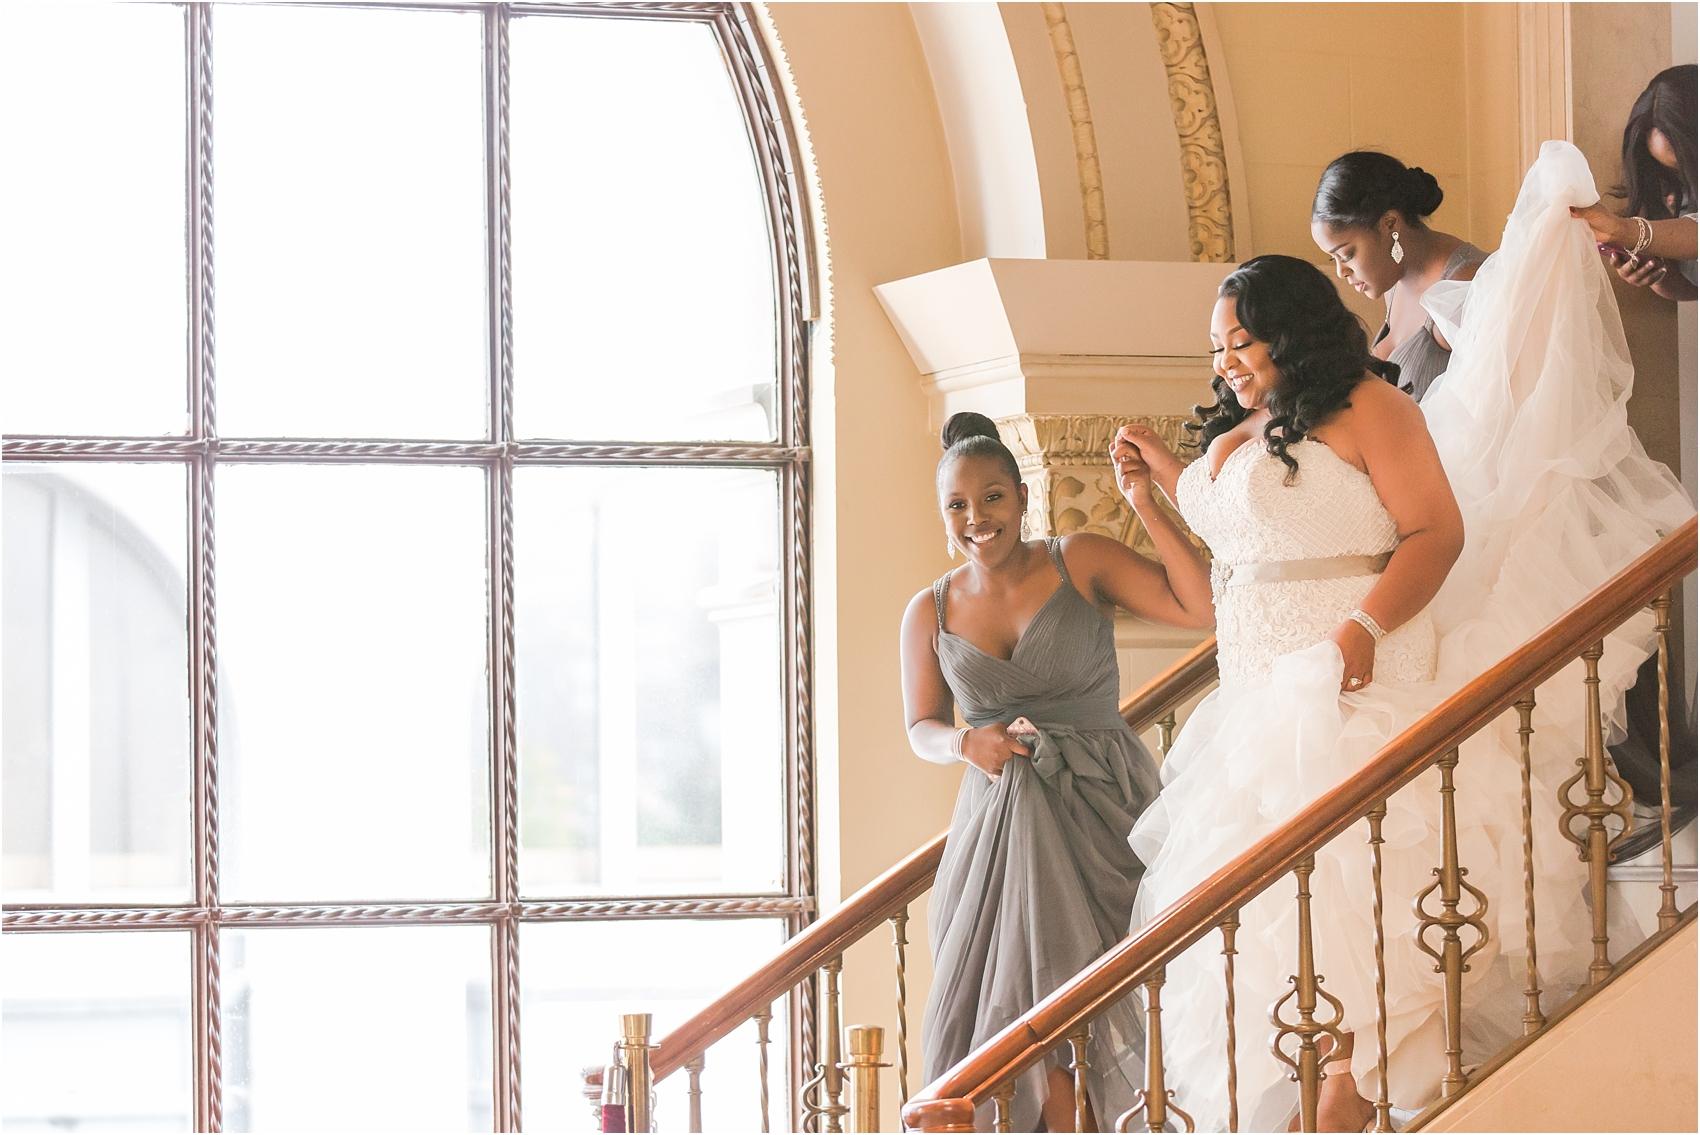 minimalist-and-modern-wedding-photos-at-30-north-saginaw-in-pontiac-michigan-by-courtney-carolyn-photography_0011.jpg